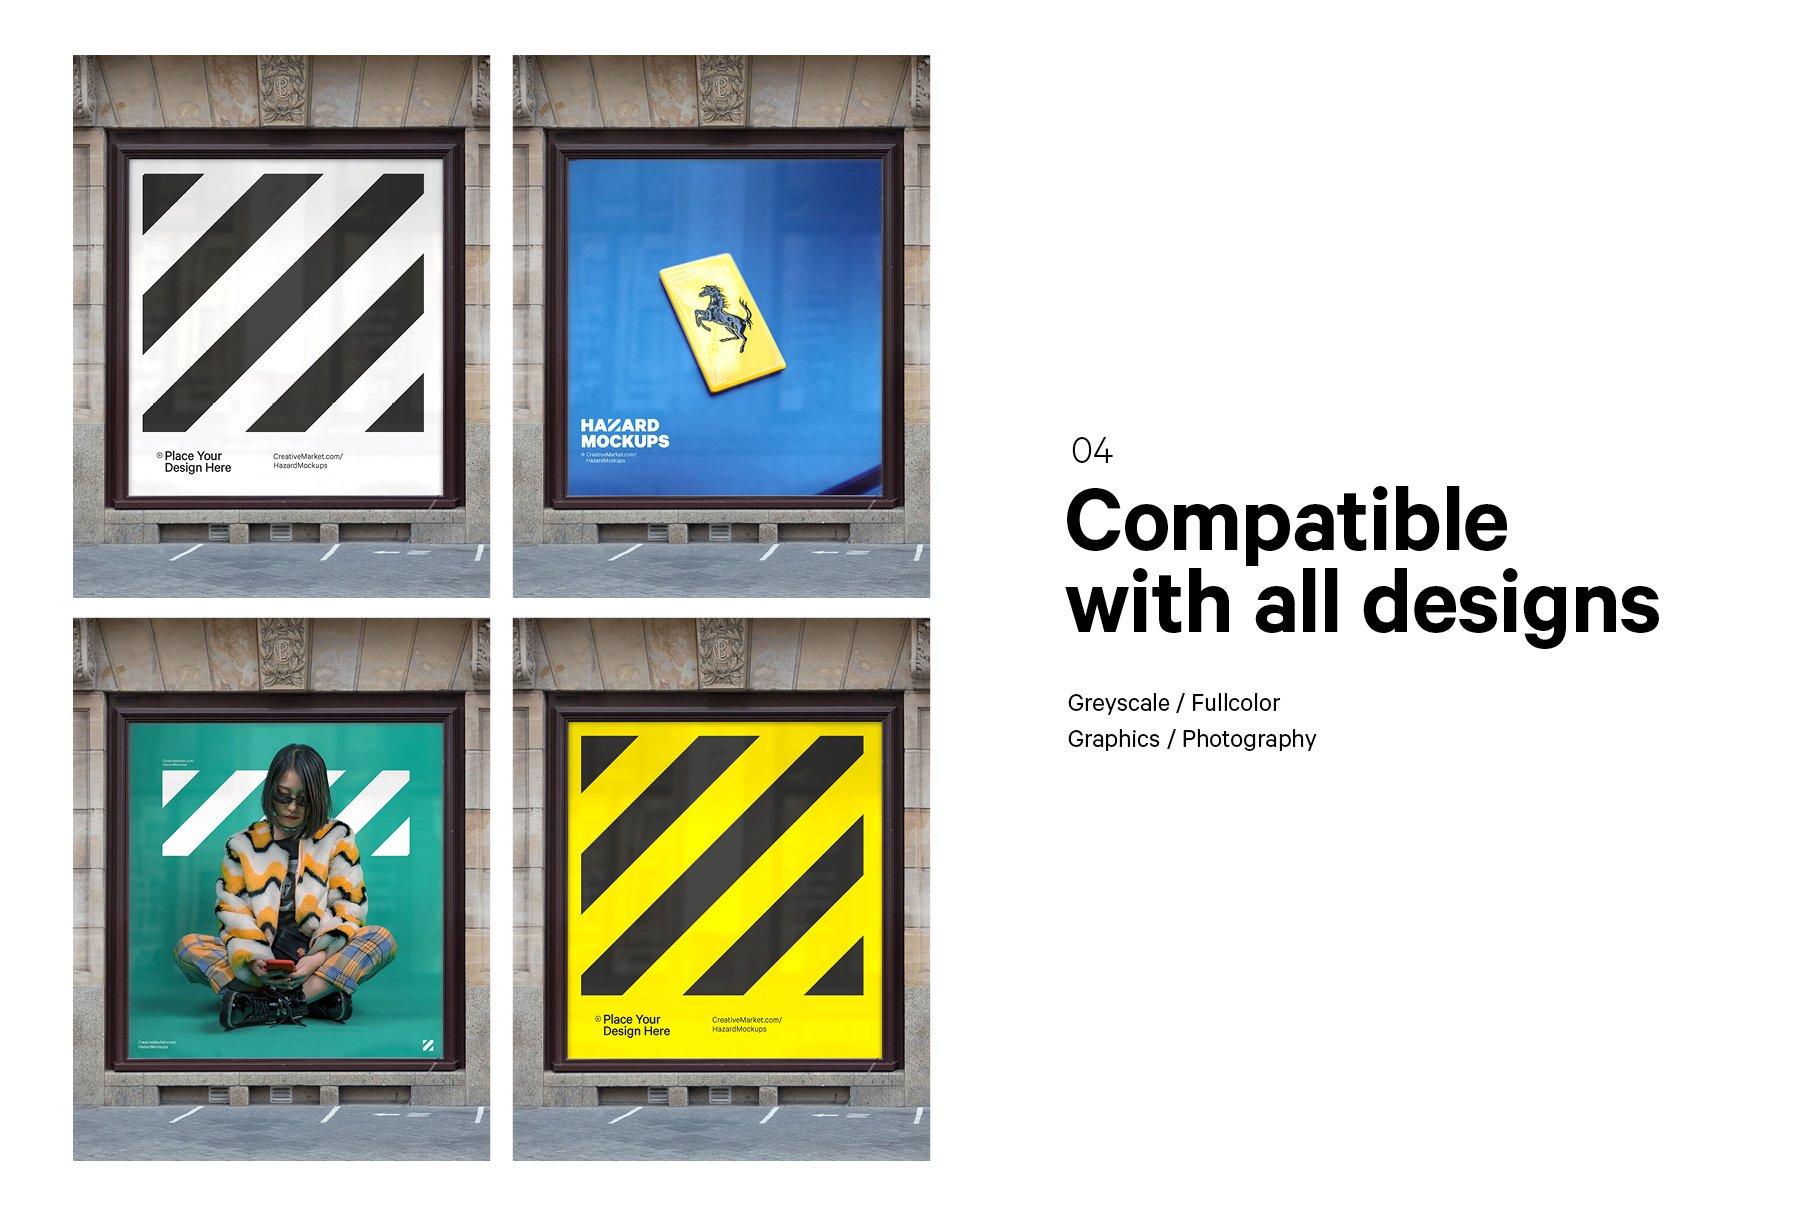 时尚街头店铺外里面橱窗玻璃贴纸广告海报设计展示样机 Shop Facade Mockup Bundle插图5